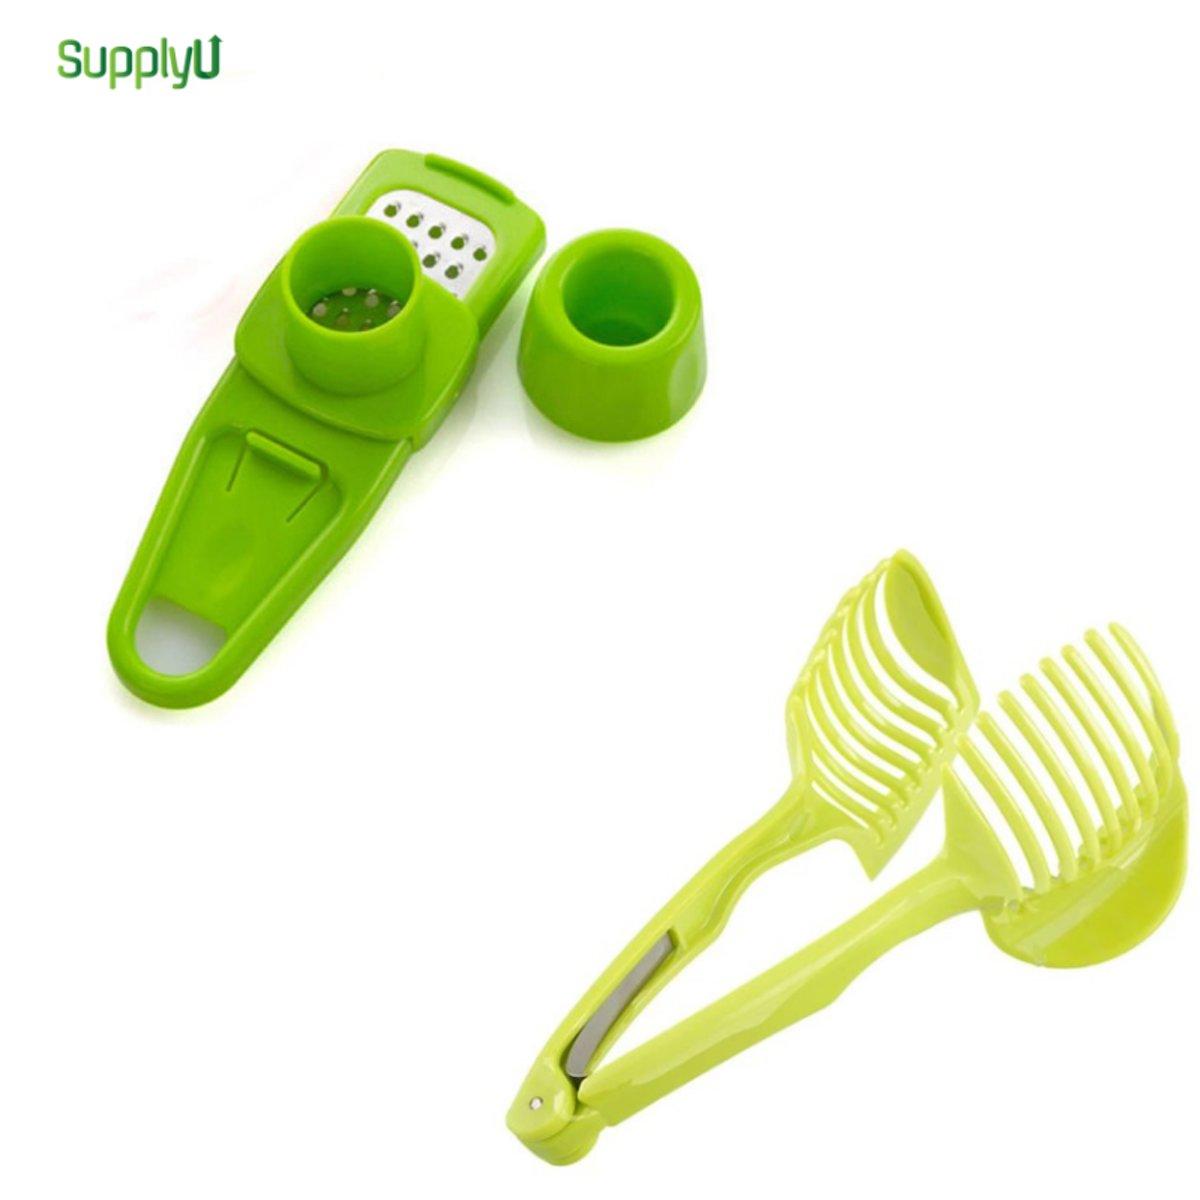 Groente Snijder - Gember Pers Set - Groen - Easy Slicer - Tomaten Snijder - Eiersnijden - Knoflook Snijder - Gember Pers - Keuken Gerei Set -  Gemberpers - Knoflookpers - Knoflookperser kopen